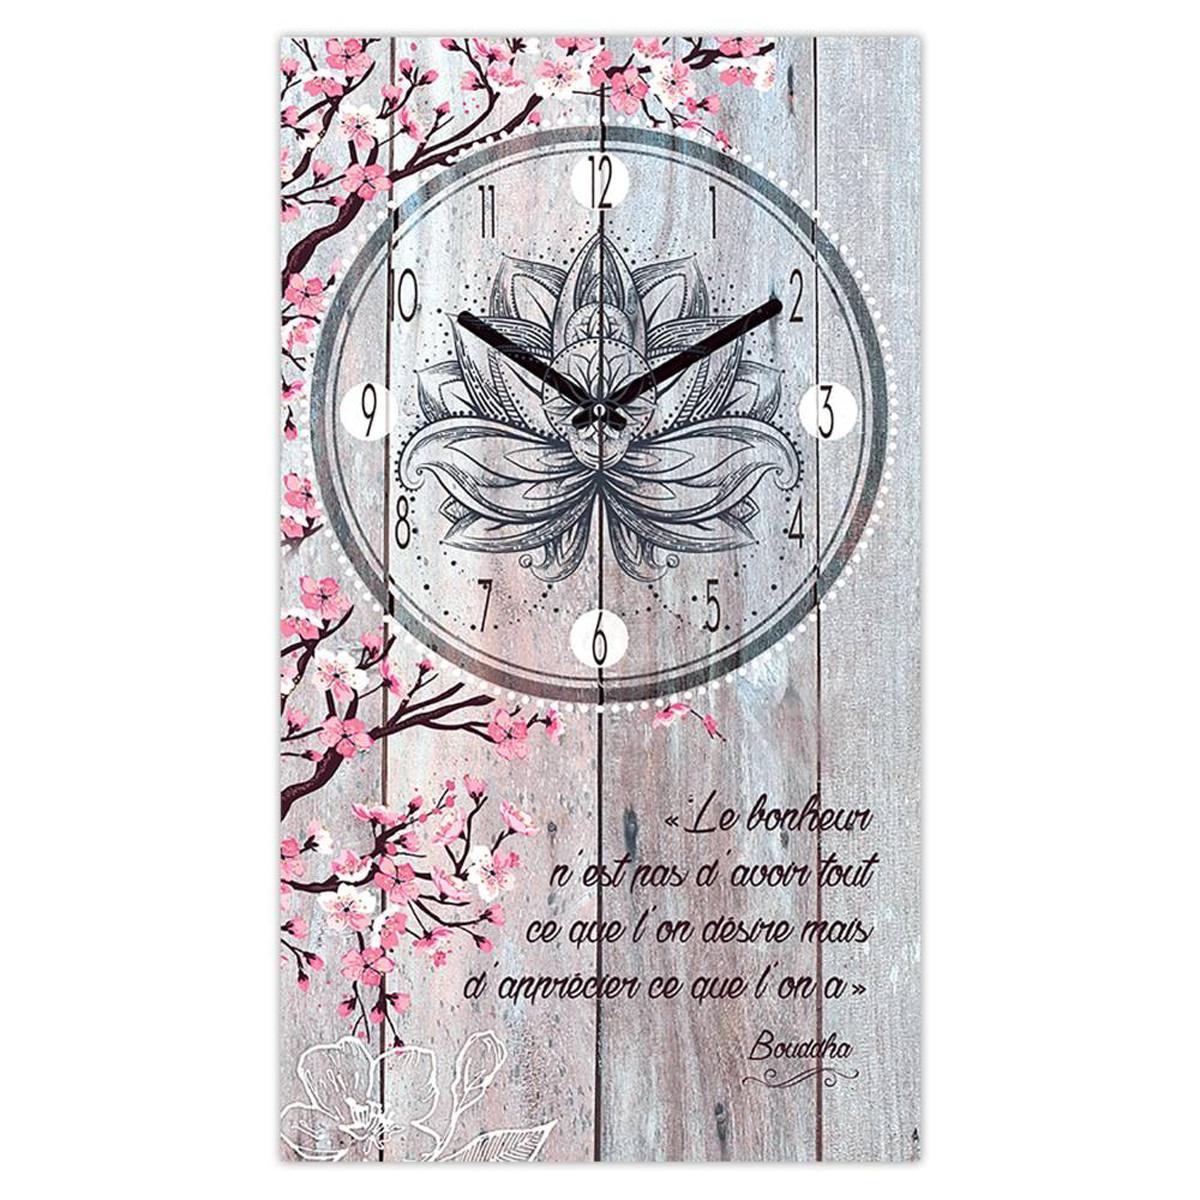 Horloge Murale \'Boho\' bordeaux (Le Bonheur n\'est pas d\'avoir tout ce que l\'on désire mais d\'apprécier ce que l\'on a - Bouddha) - 49x28 cm - [Q5120]